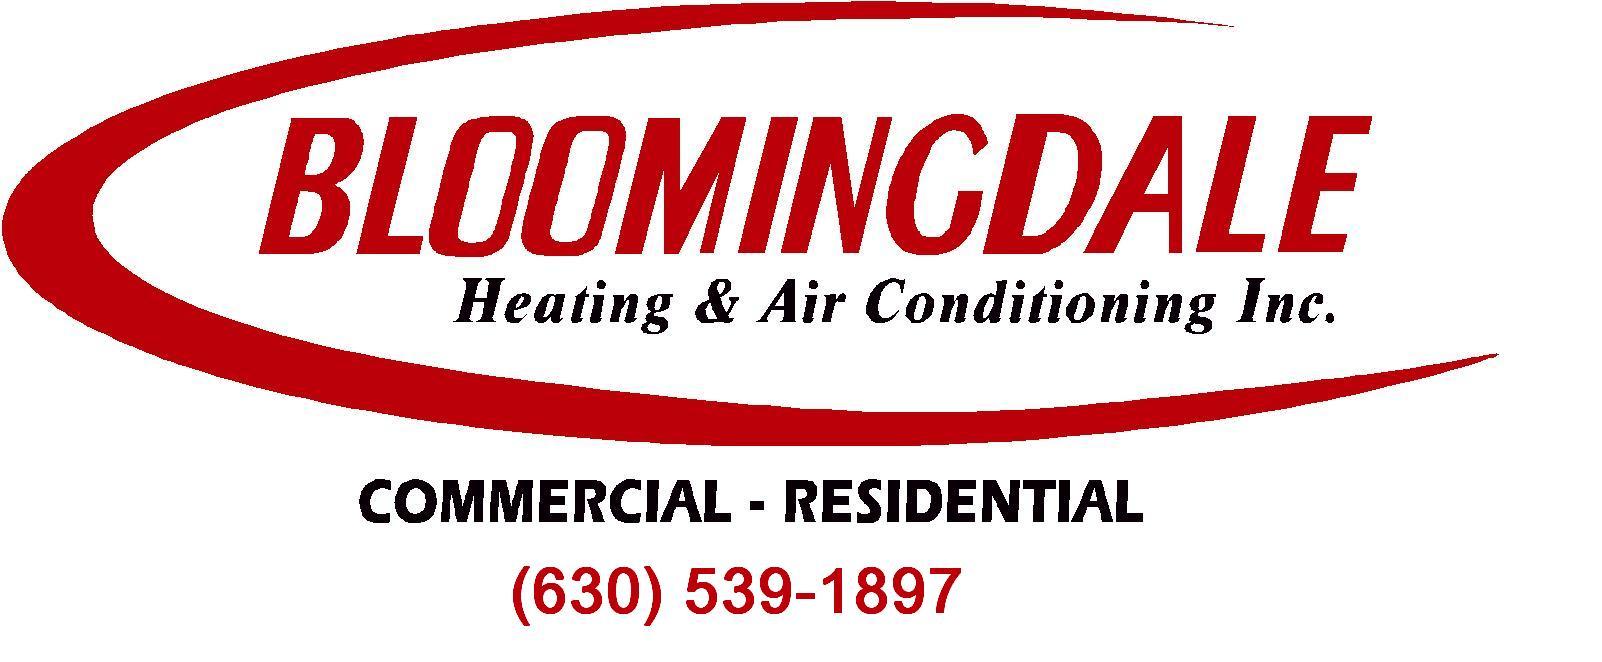 Bloomingdale Heating and Air